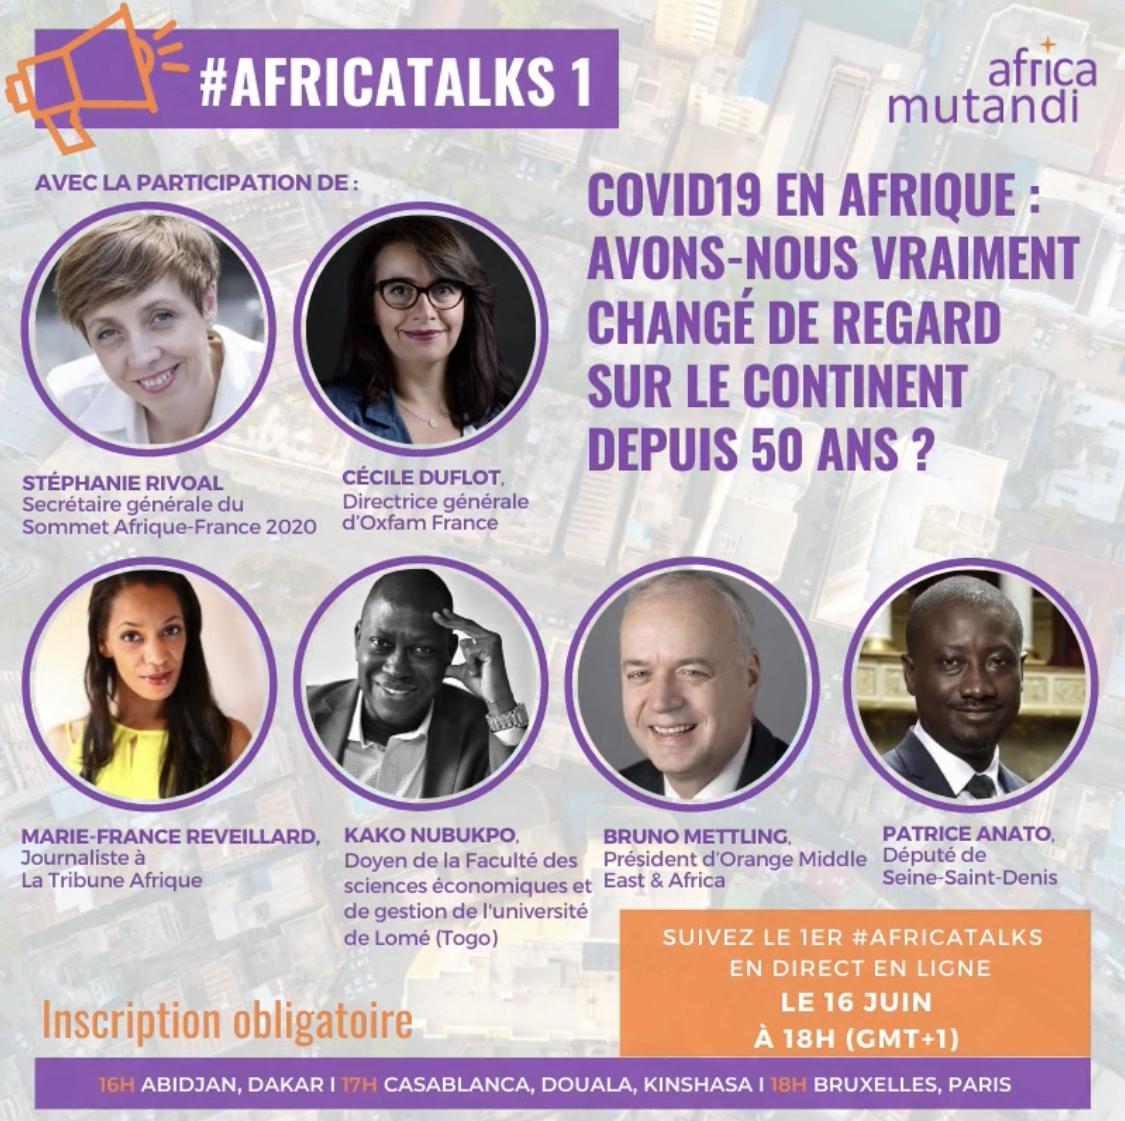 Replay de l'AfricaTalk#1: Afrique, avons-nous vraiment changé de regard ?